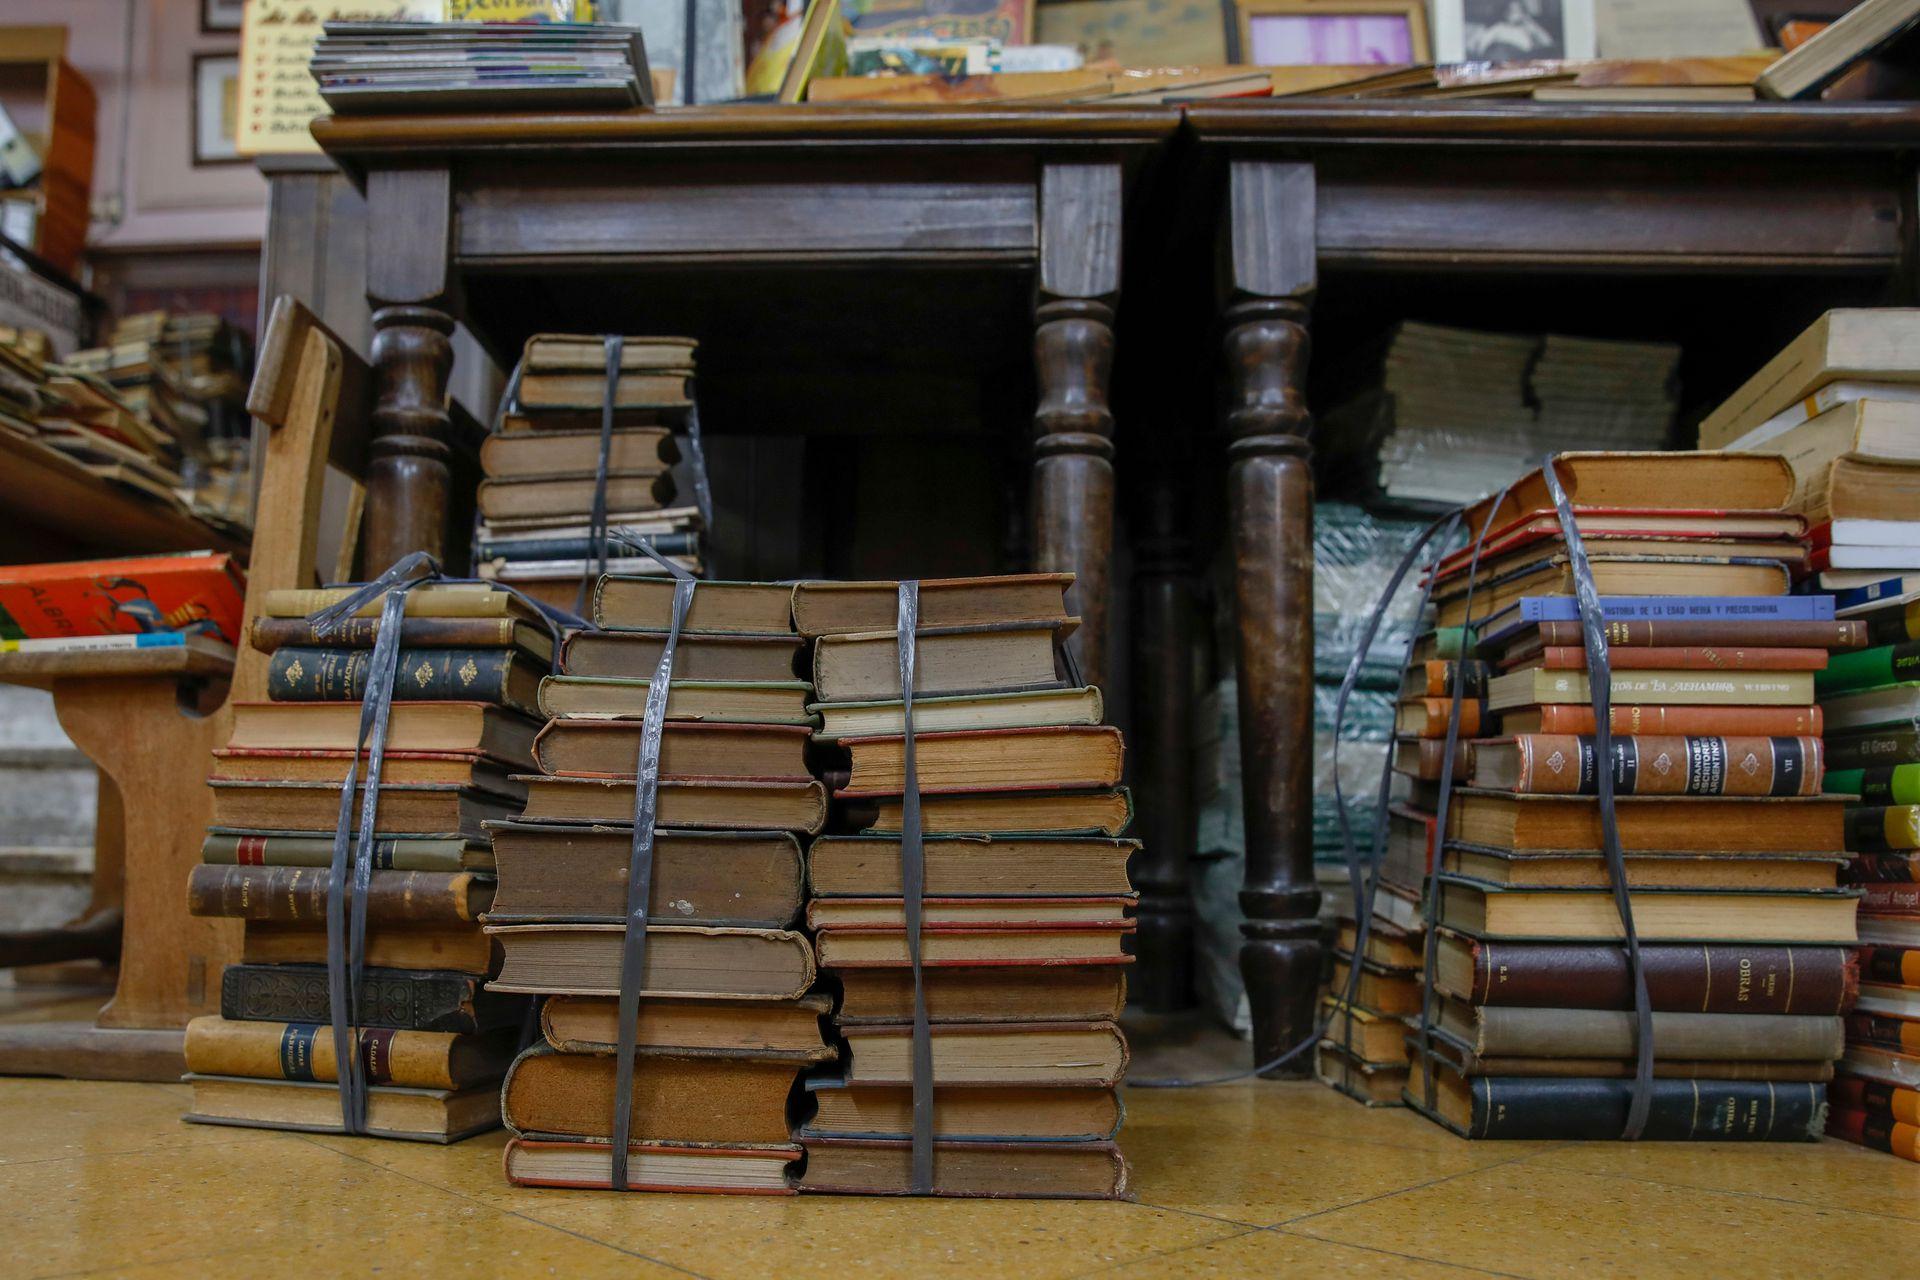 Libros antiguos en el suelo